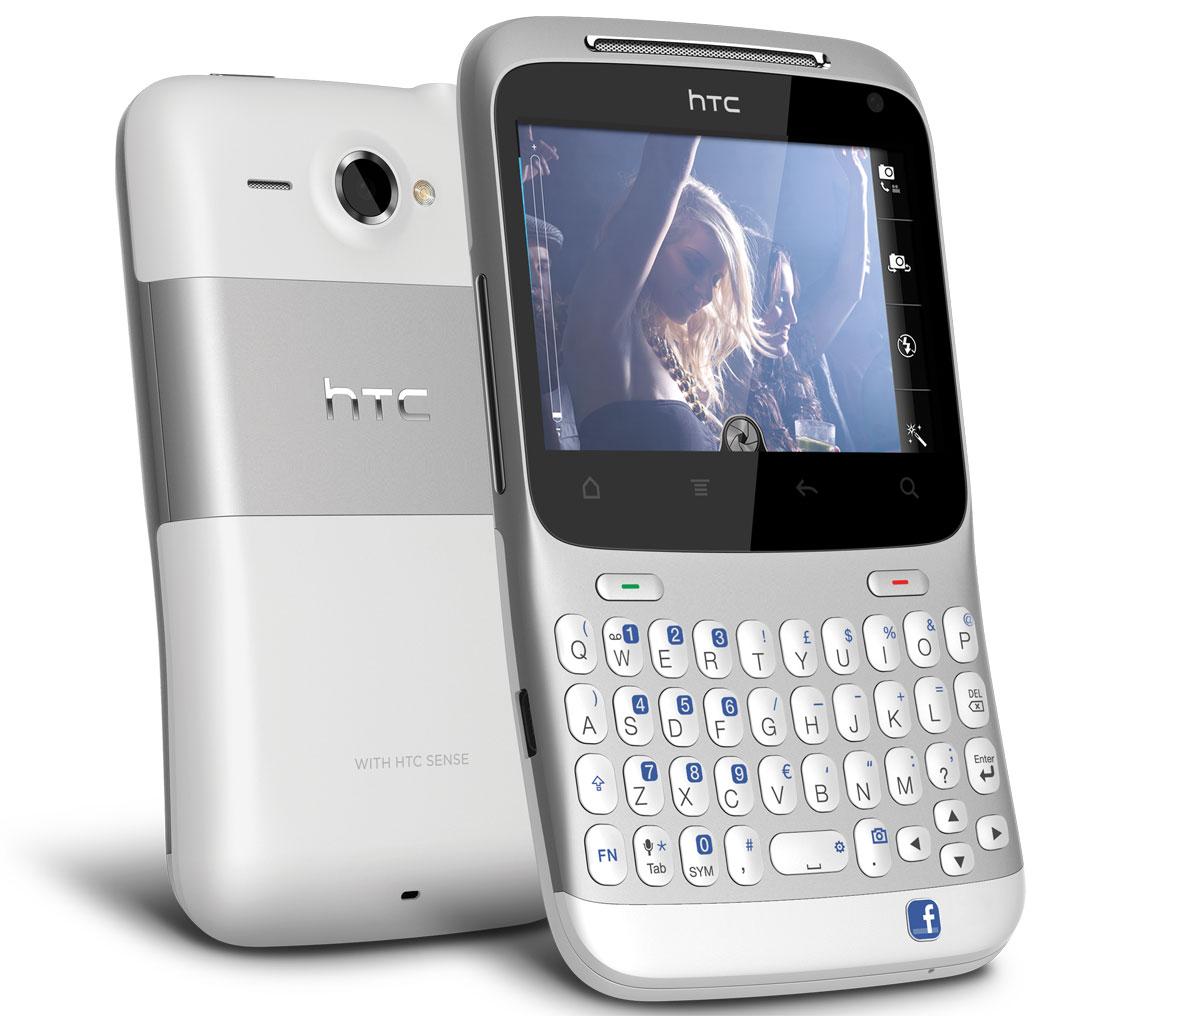 HTC presenta dos nuevos smartphones: HTC Status y HTC Explorer